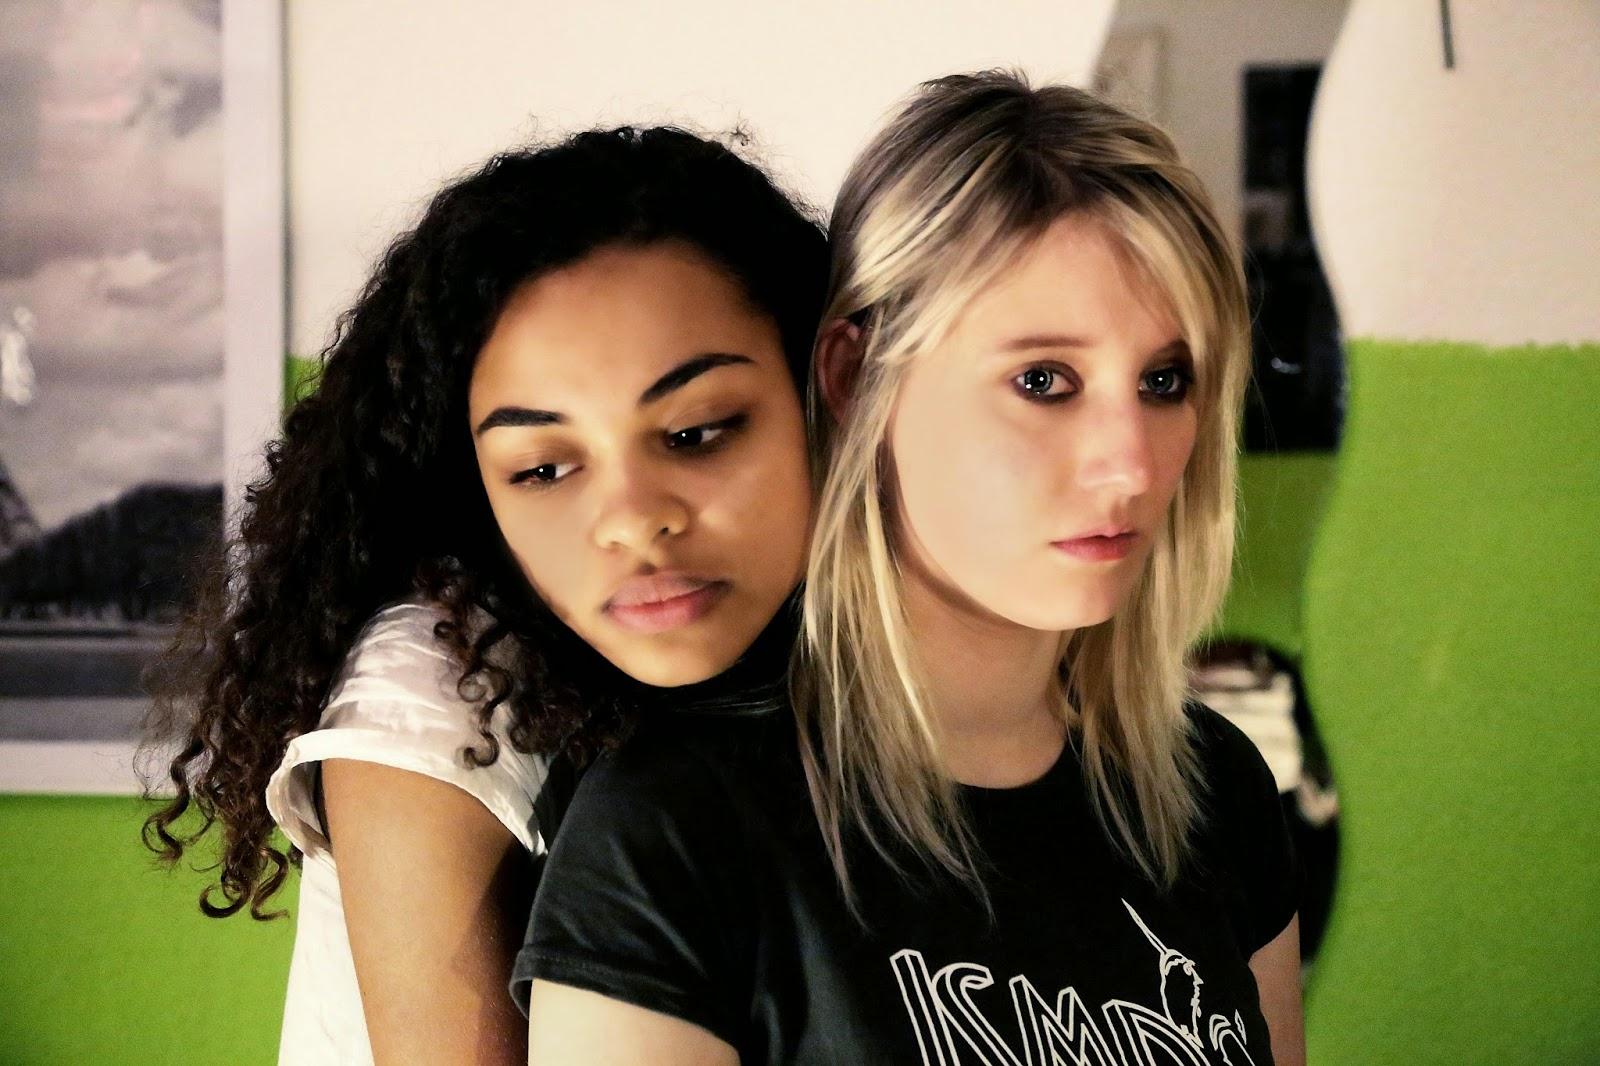 лезби видео смотреть онлайн: